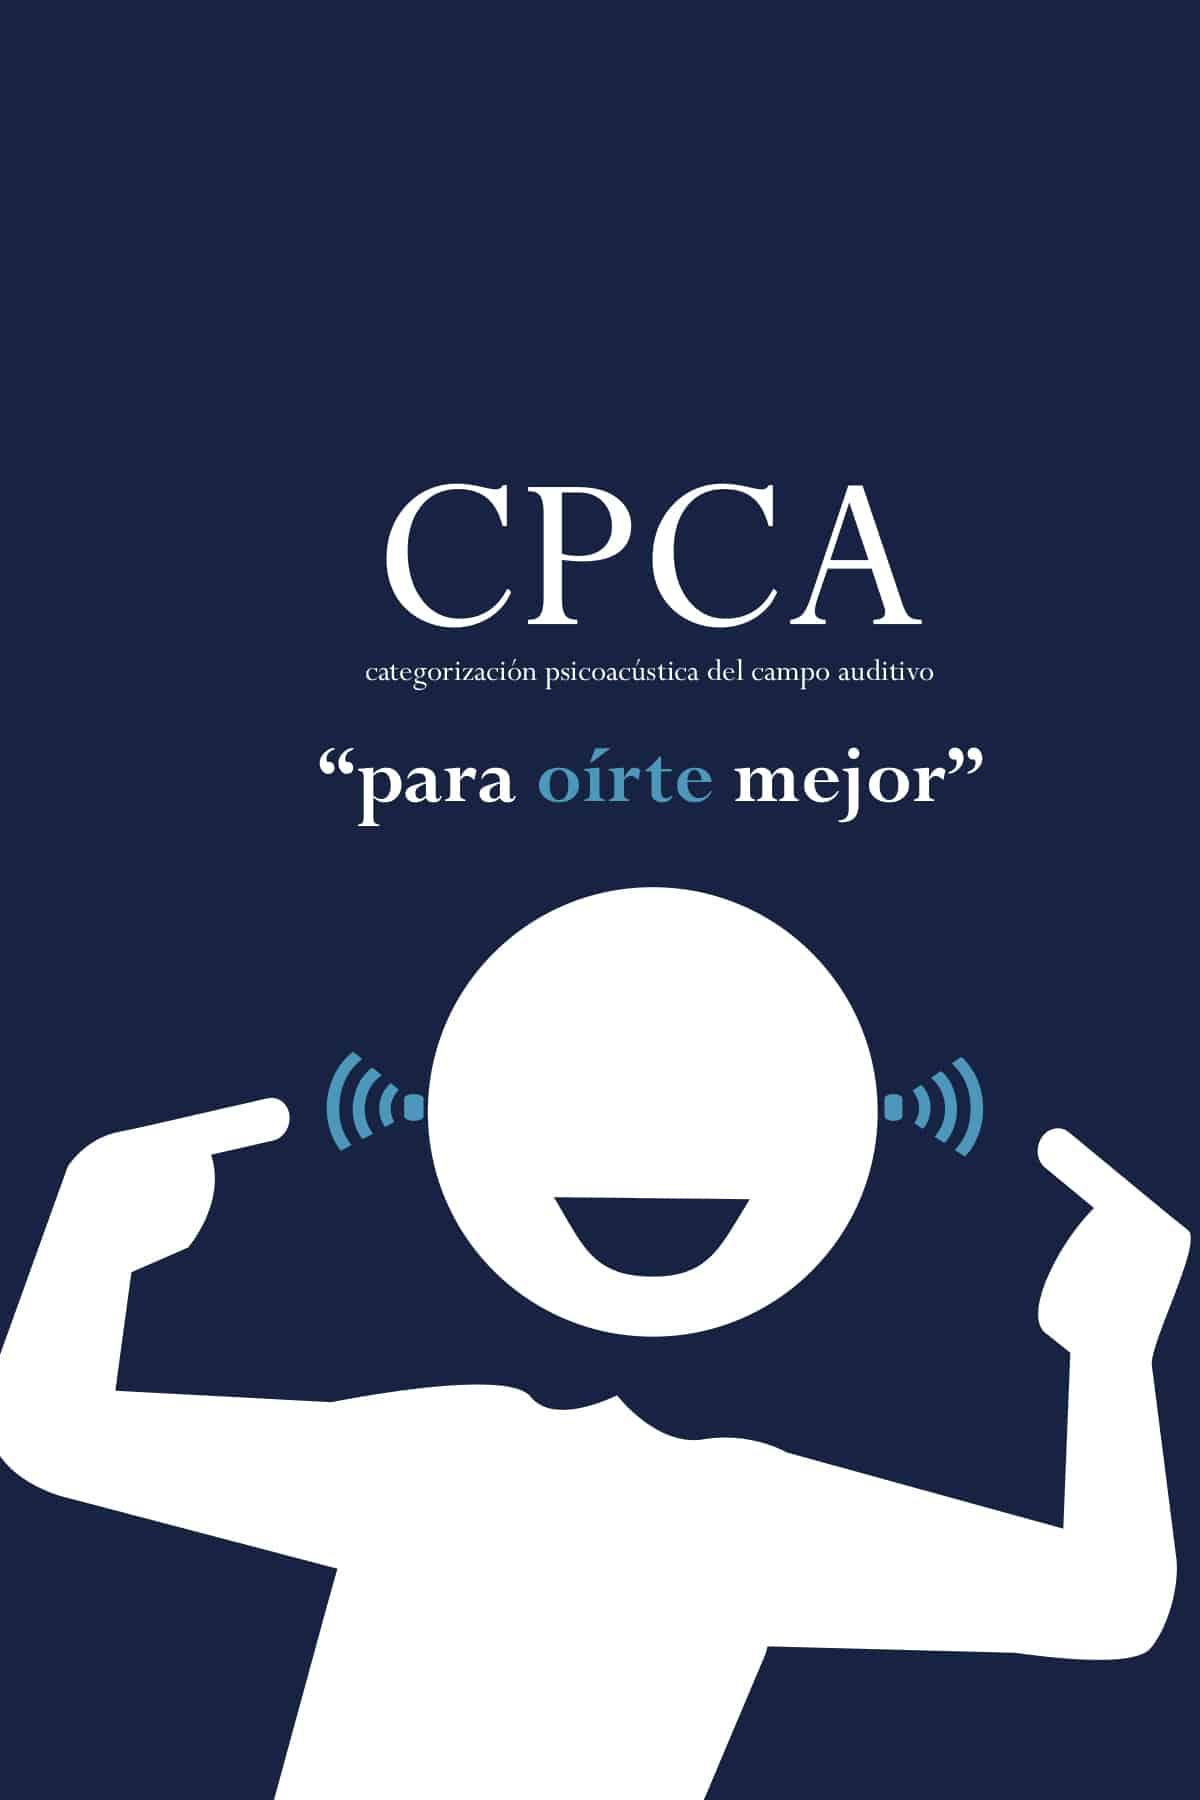 Audias Centro Auditivo, audífonos y protección auditiva ... para oírte mejor